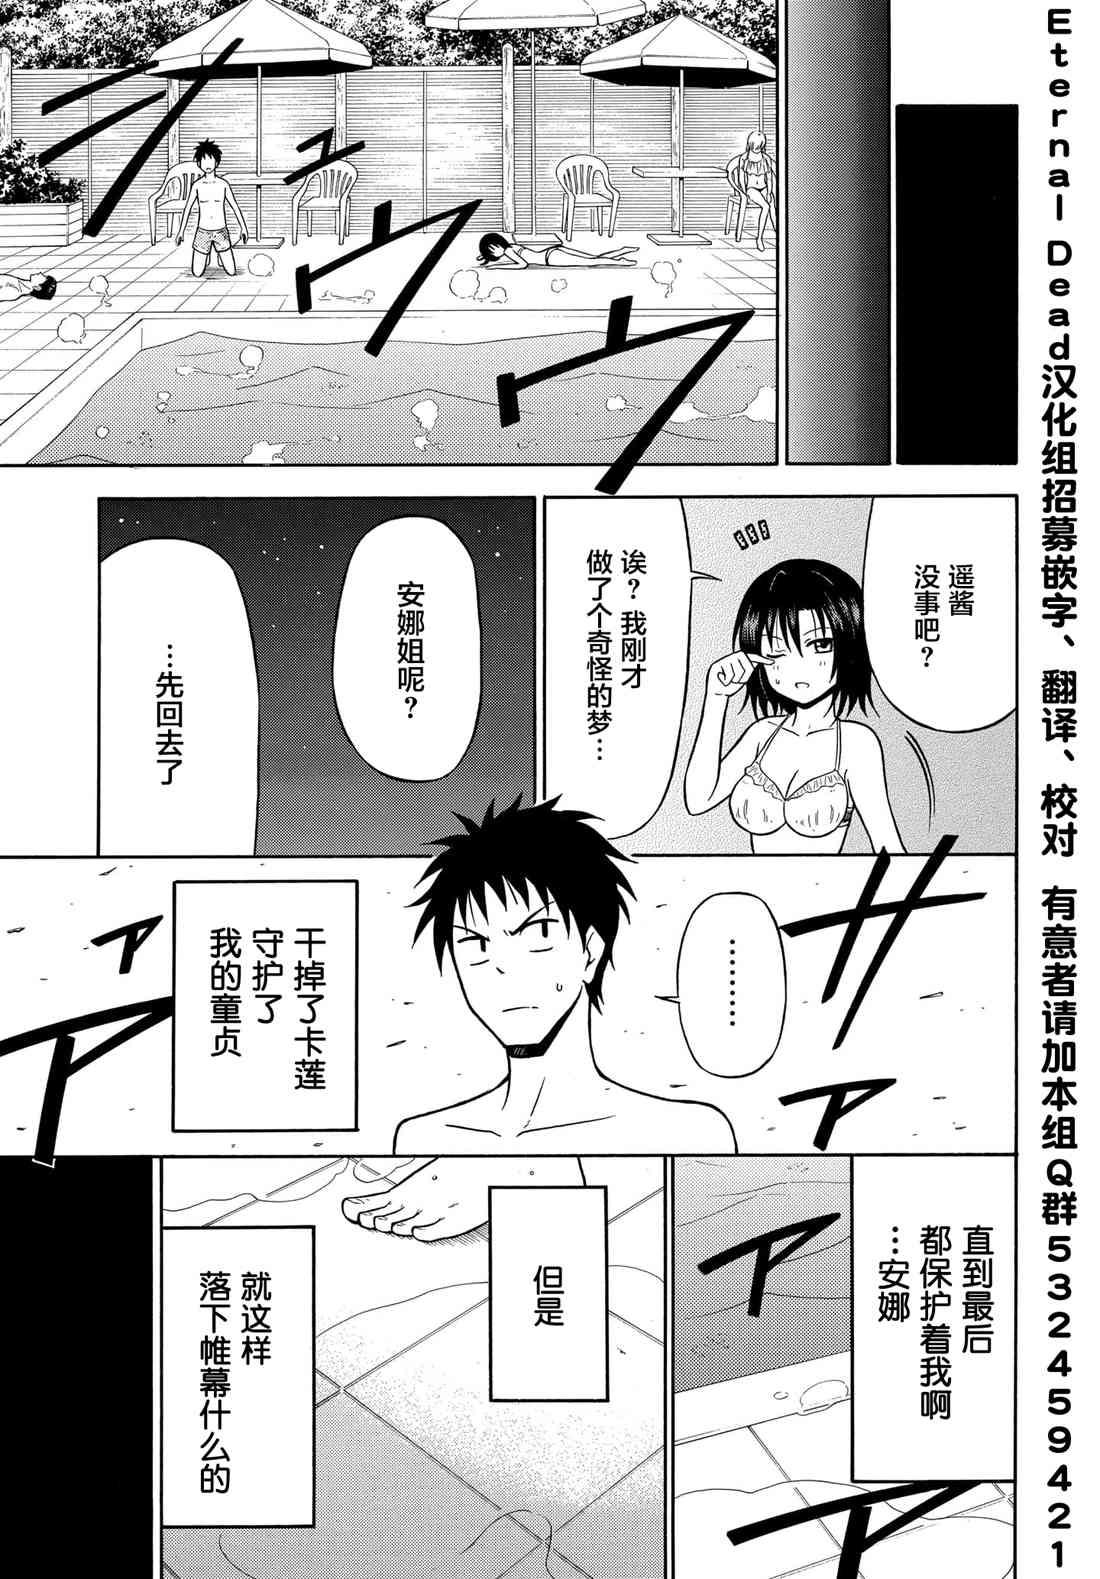 童貞與終結者女友: 08话 - 第17页